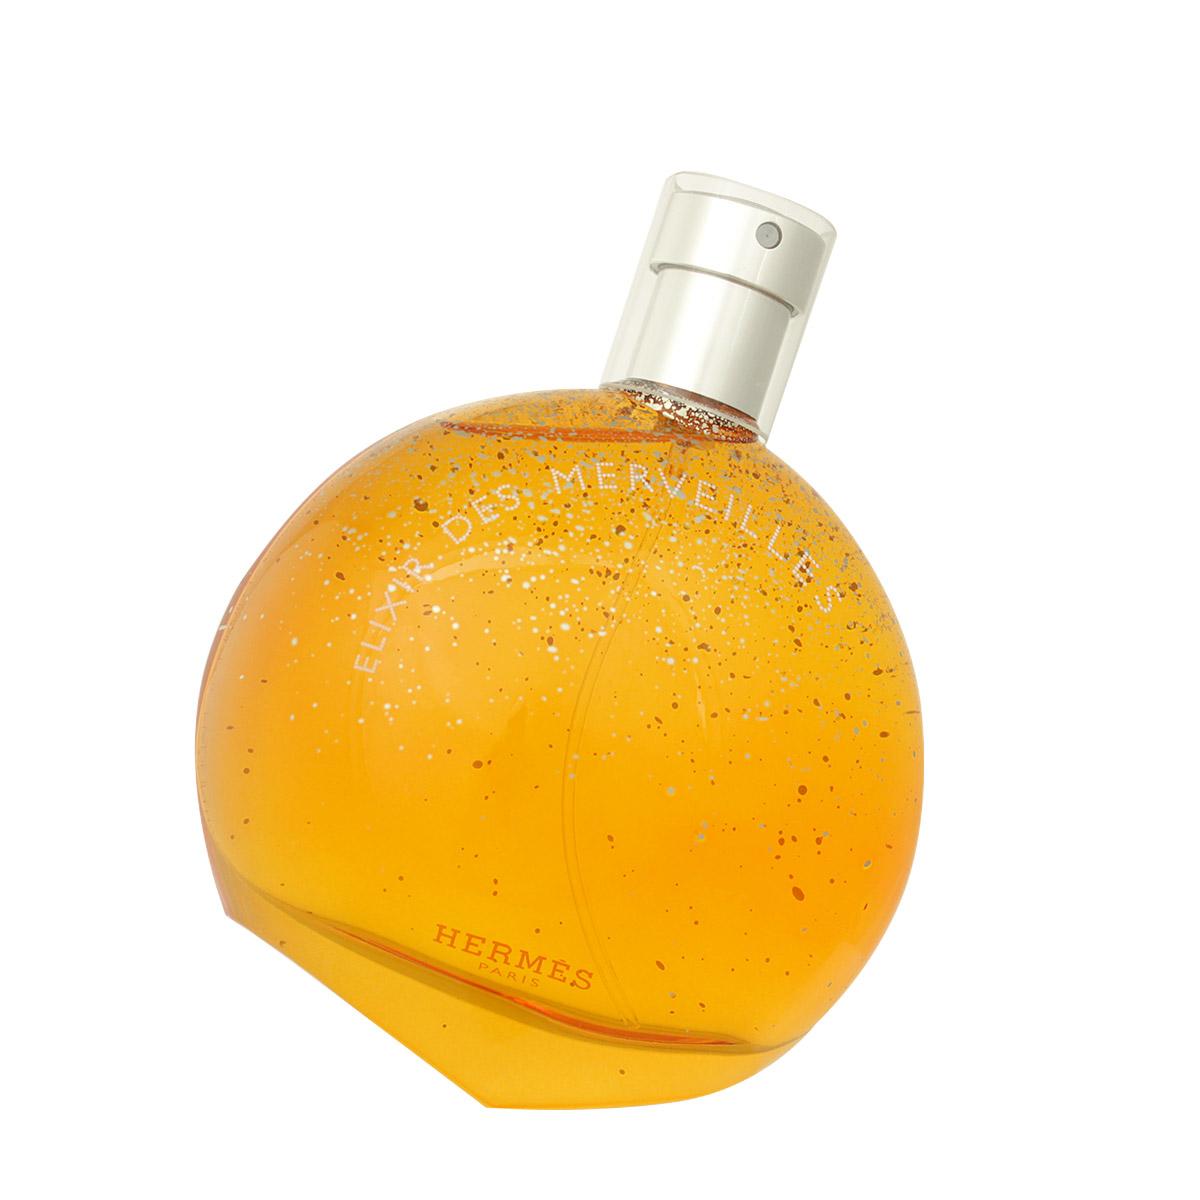 Hermès Elixir des Merveilles EDP tester 100 ml W